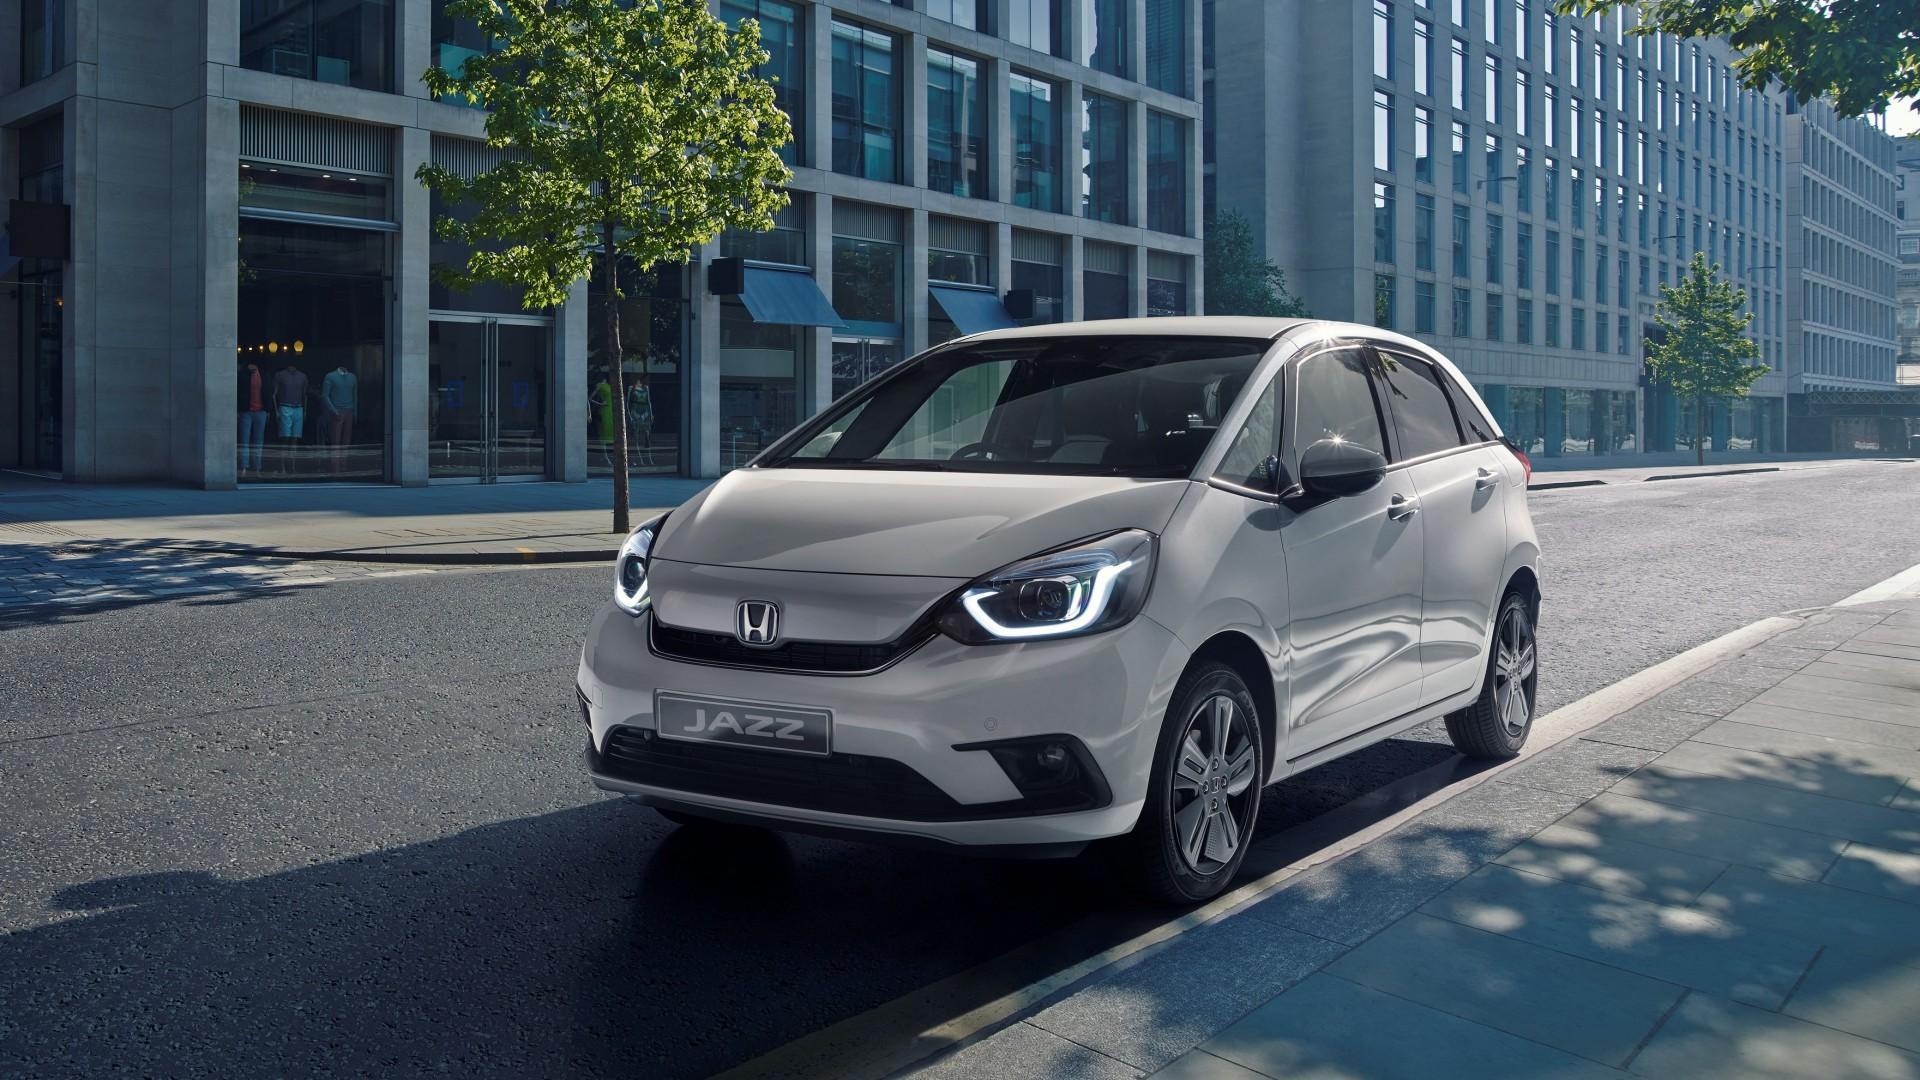 Honda Jazz 2020, ahora solo disponible con mecánicas híbridas